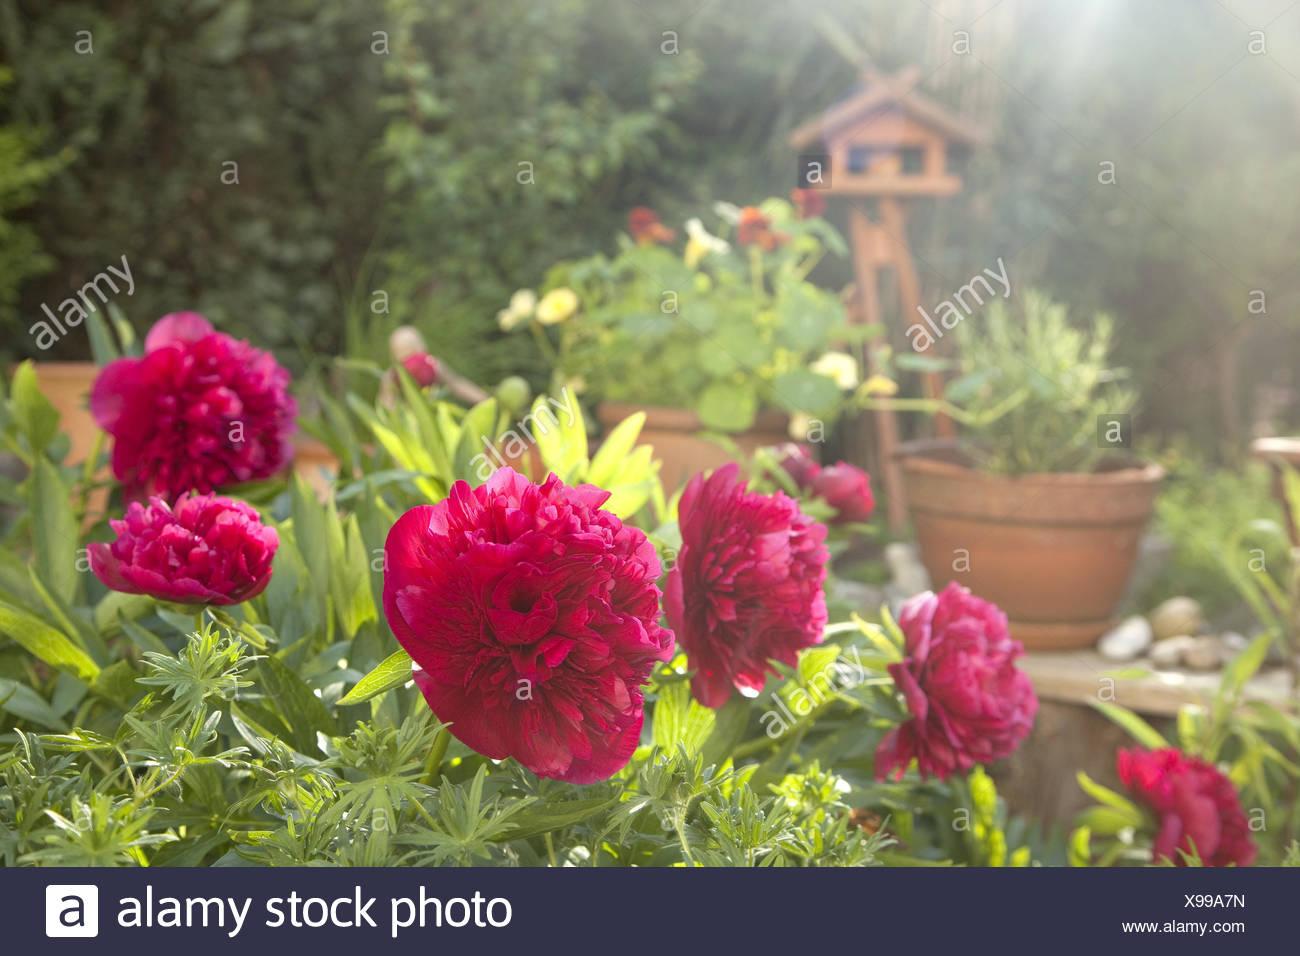 Garden, peonies, flowering, outdoor shot, garden, flowers, Paeonia, plant, flower, pink, - Stock Image